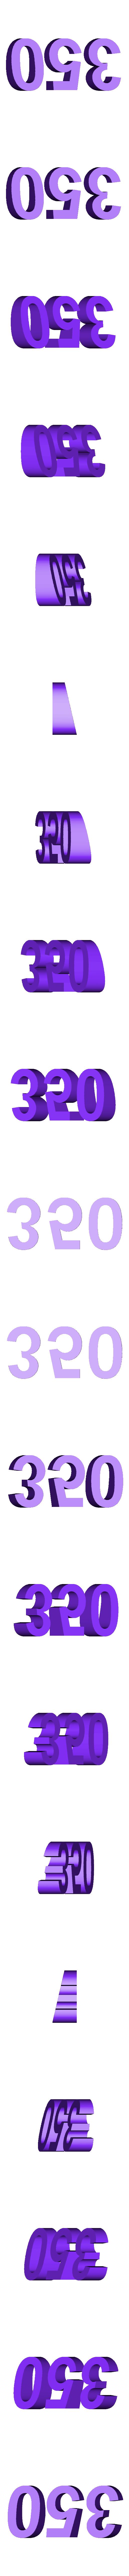 350.STL Télécharger fichier STL gratuit Airbus A350 XWB Lufthansa Airliner Sacle 1/100 • Design pour imprimante 3D, BeneHill